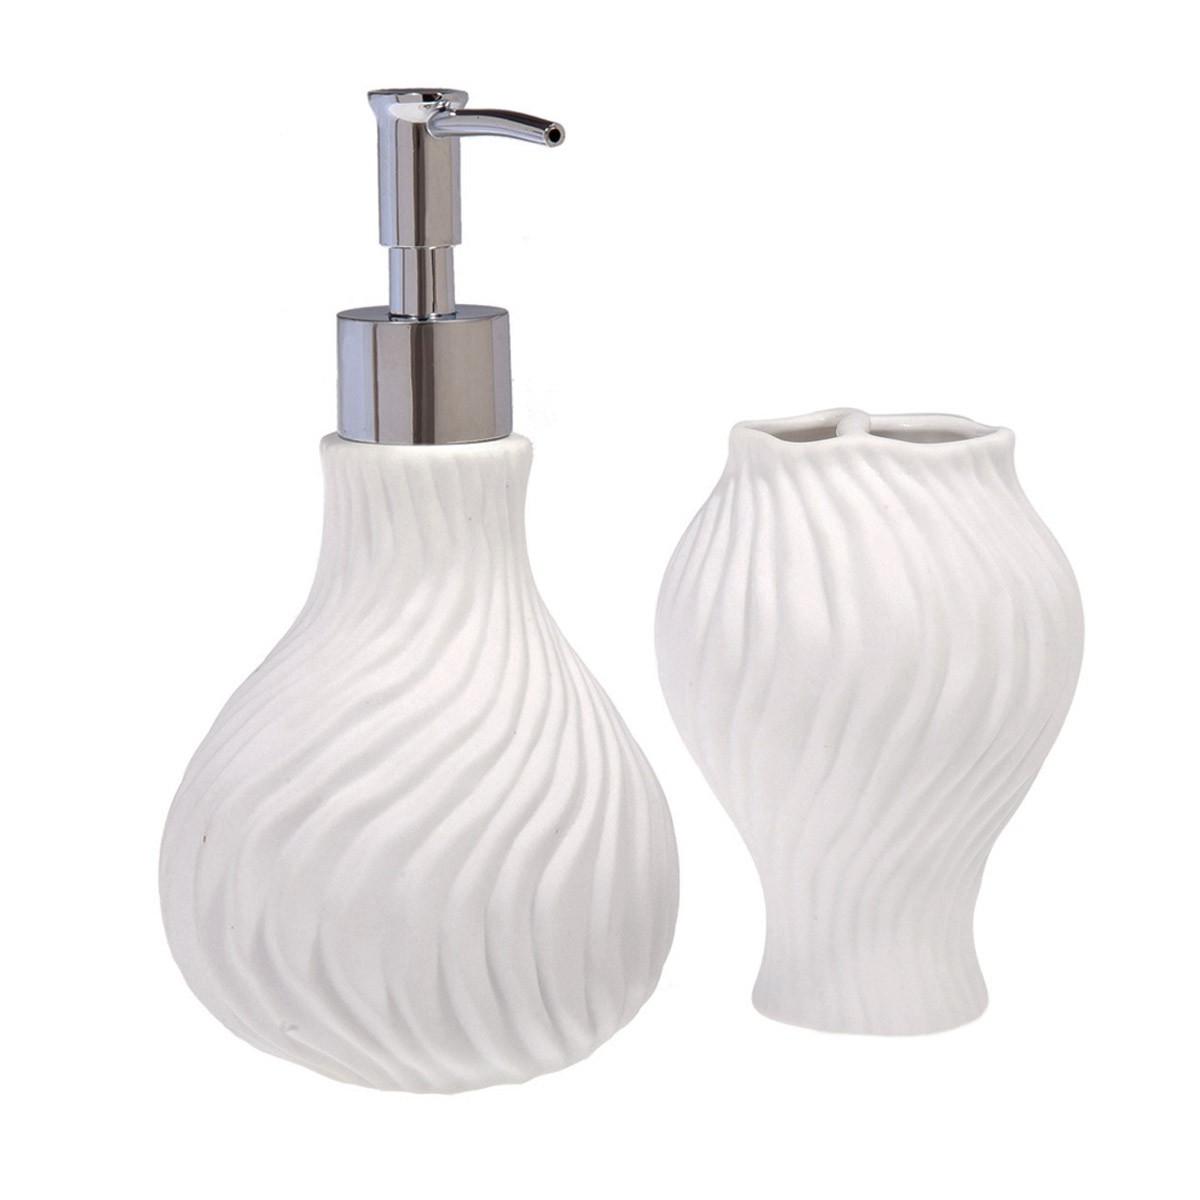 Αξεσουάρ Μπάνιου (Σετ 2τμχ) Marva Shell White 483041